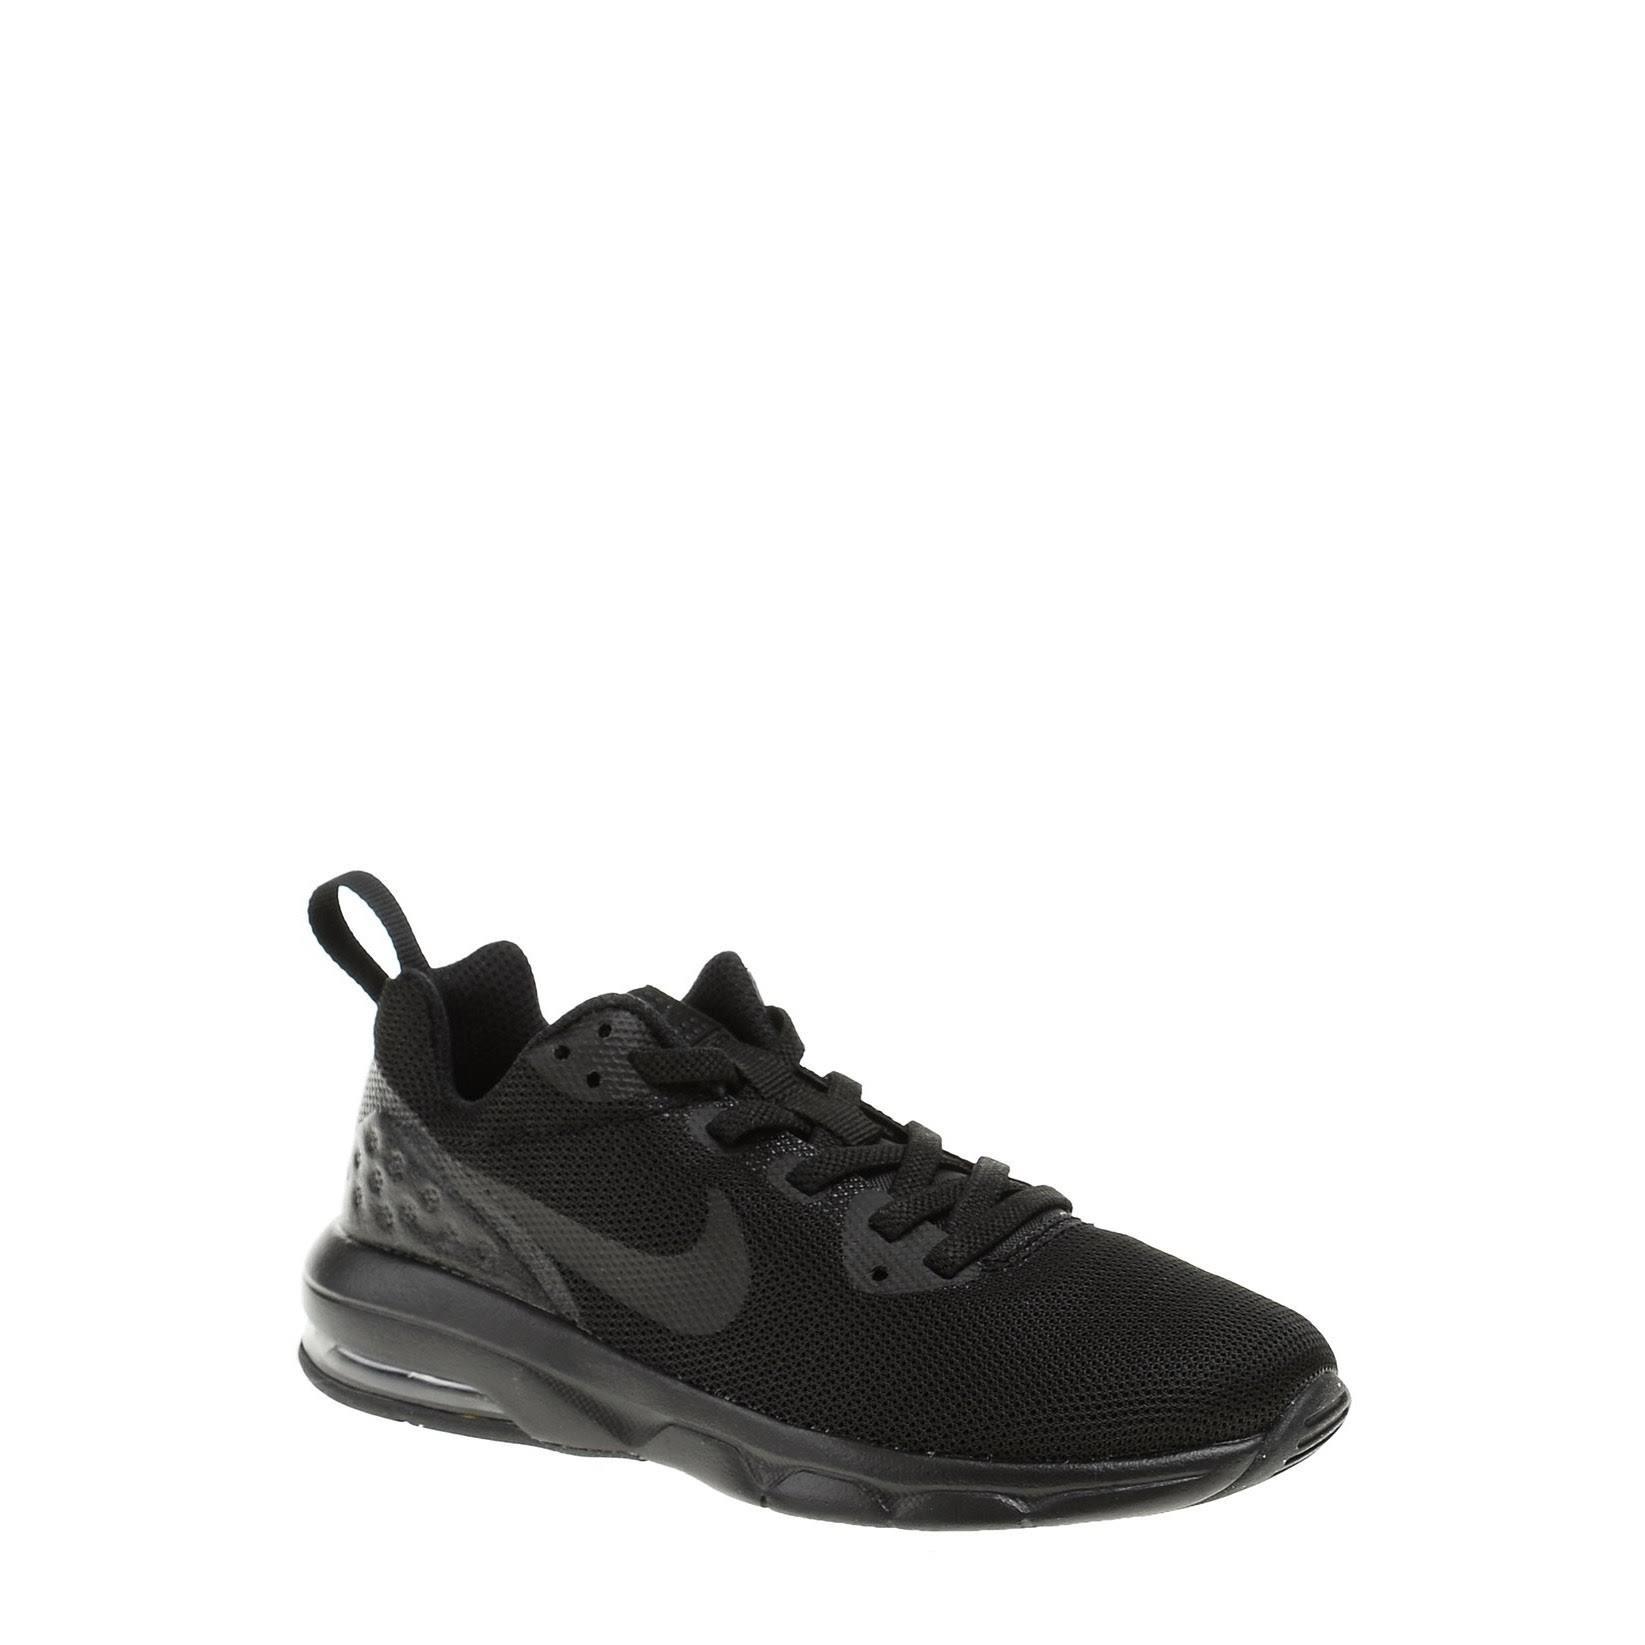 Erkek Sneaker 001 28 Nike Siyah Çocuk 917653 n6ZaOZ